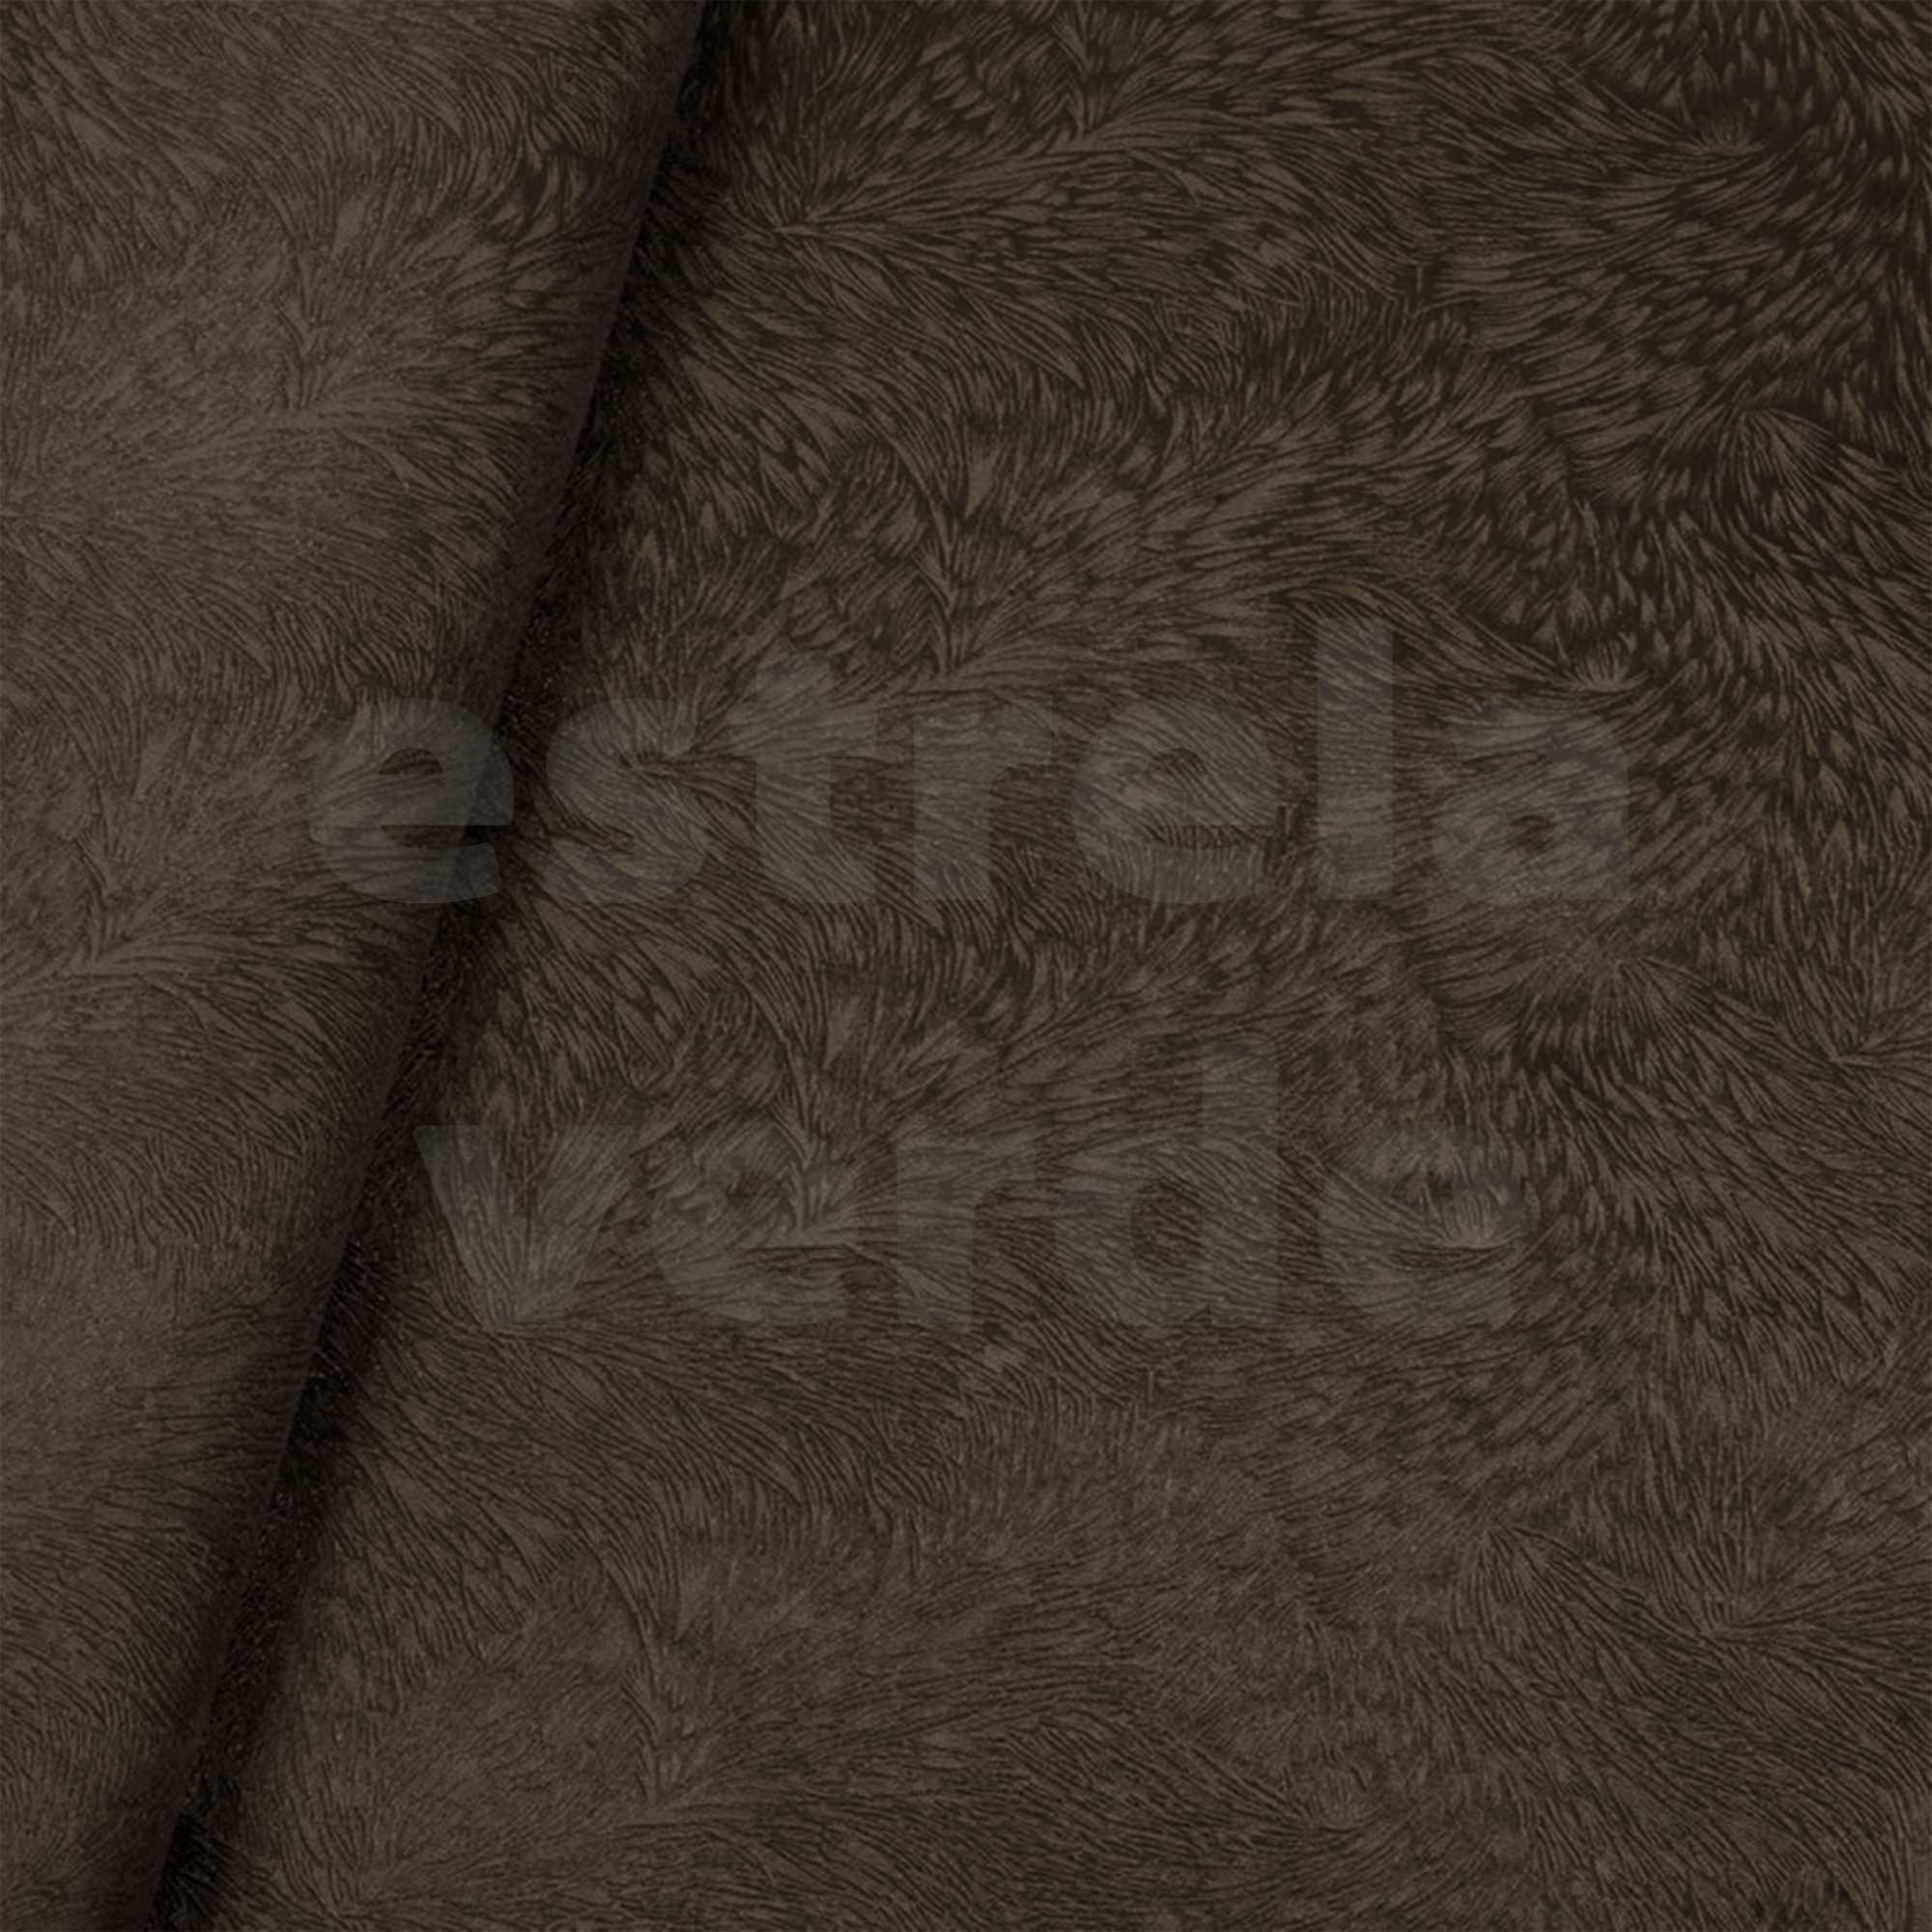 PENA MARROM 03  - Estrela Verde